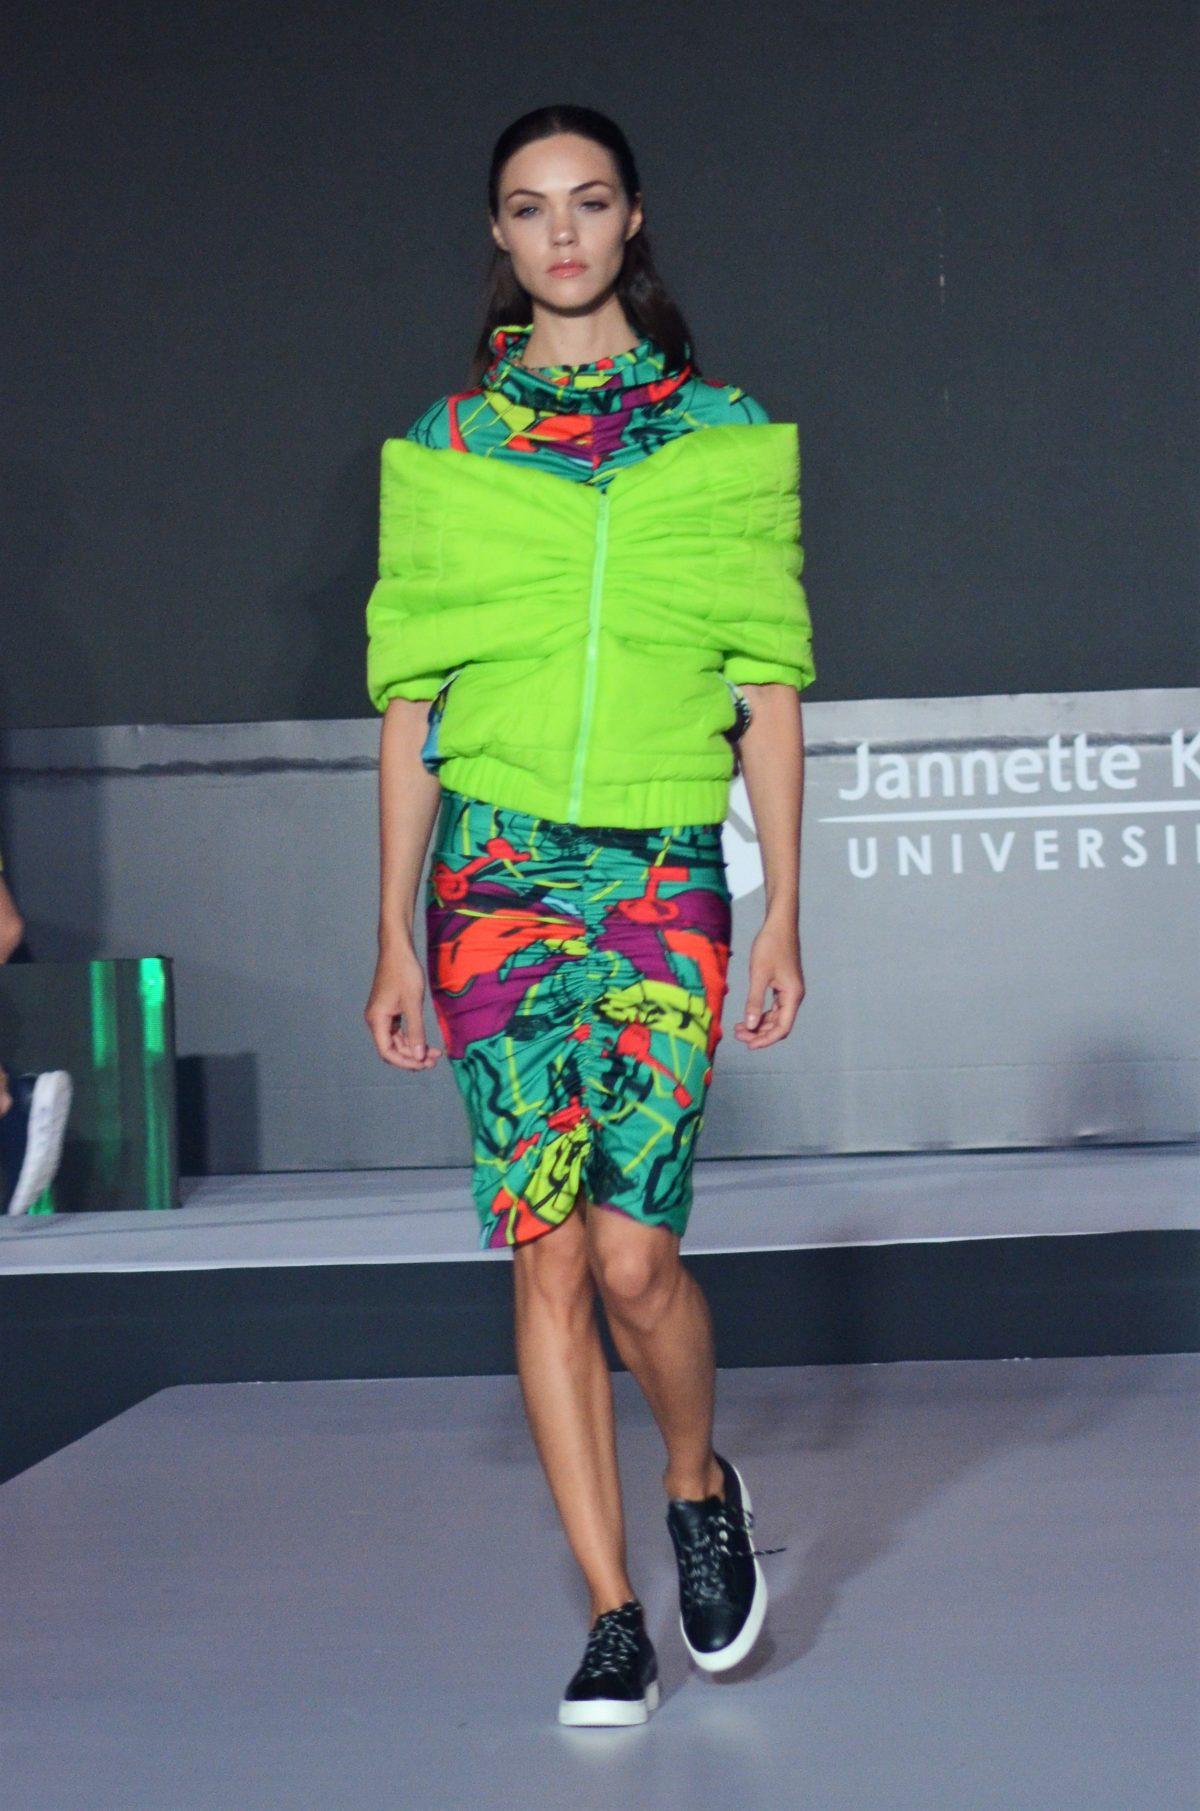 Jannette_8